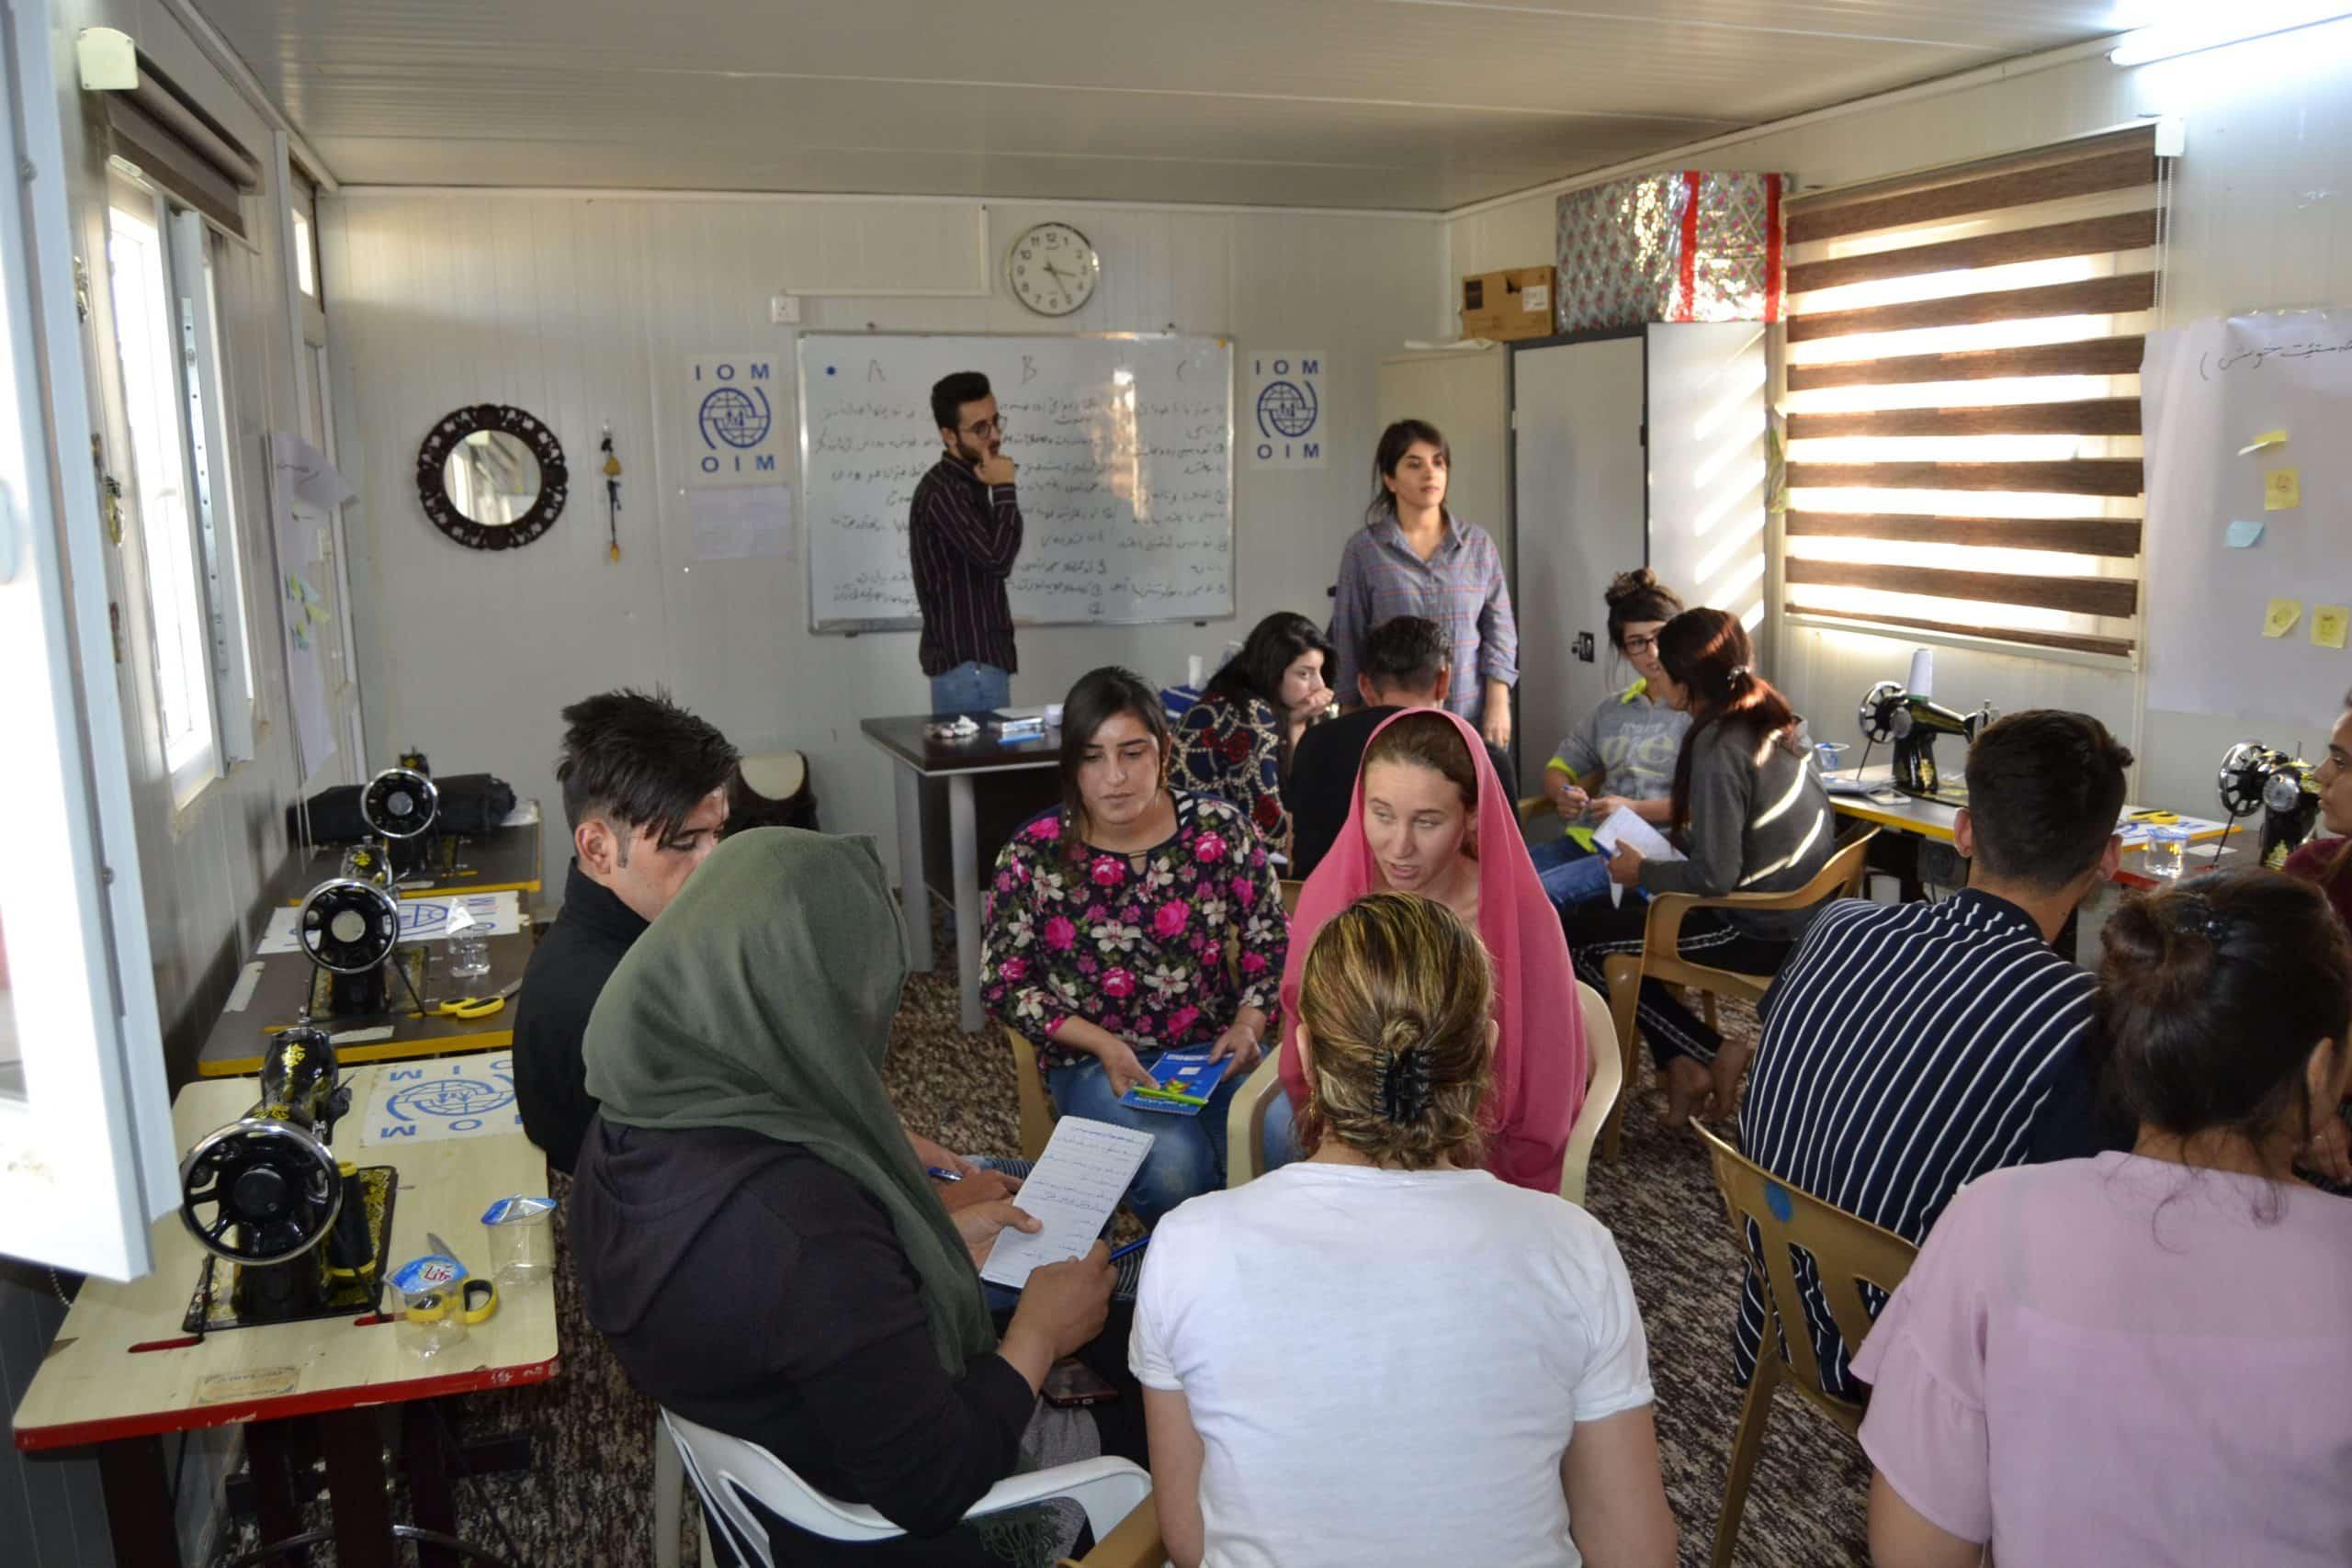 Die Psychosozialen Arbeiter notieren dieErgebnisse der Untersuchung auf der Tafel